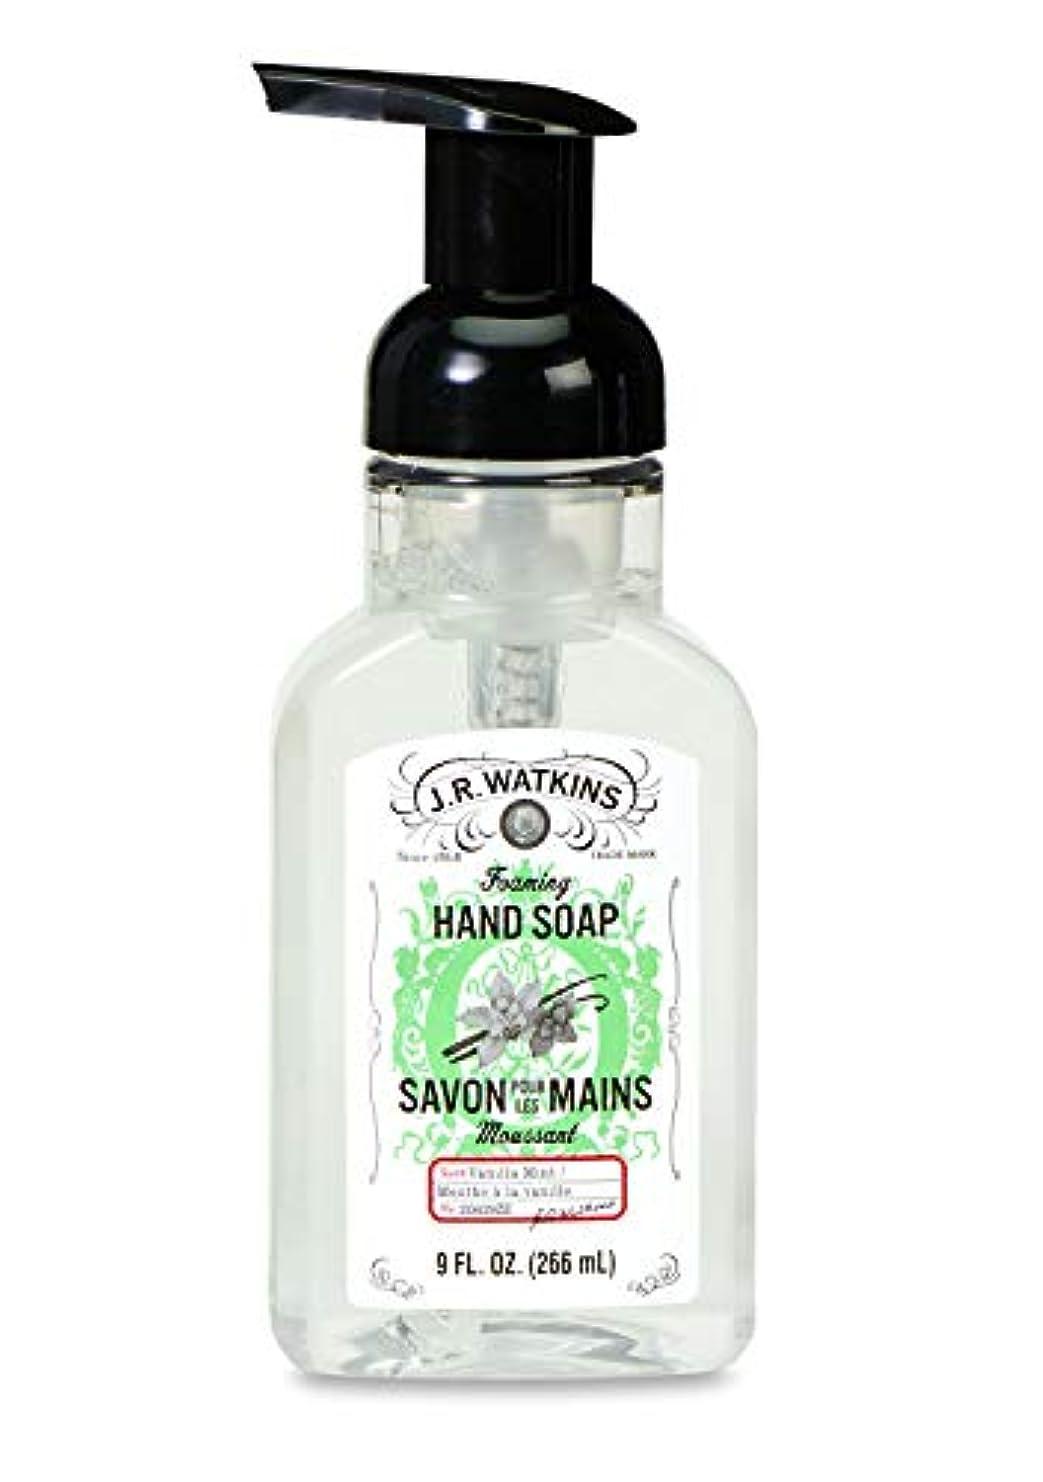 こっそり入るバングJ.R.Watkins/フォーミングハンドソープ バニラミント 266ml リラックス 石鹸 泡石鹸 植物由来 洗浄力